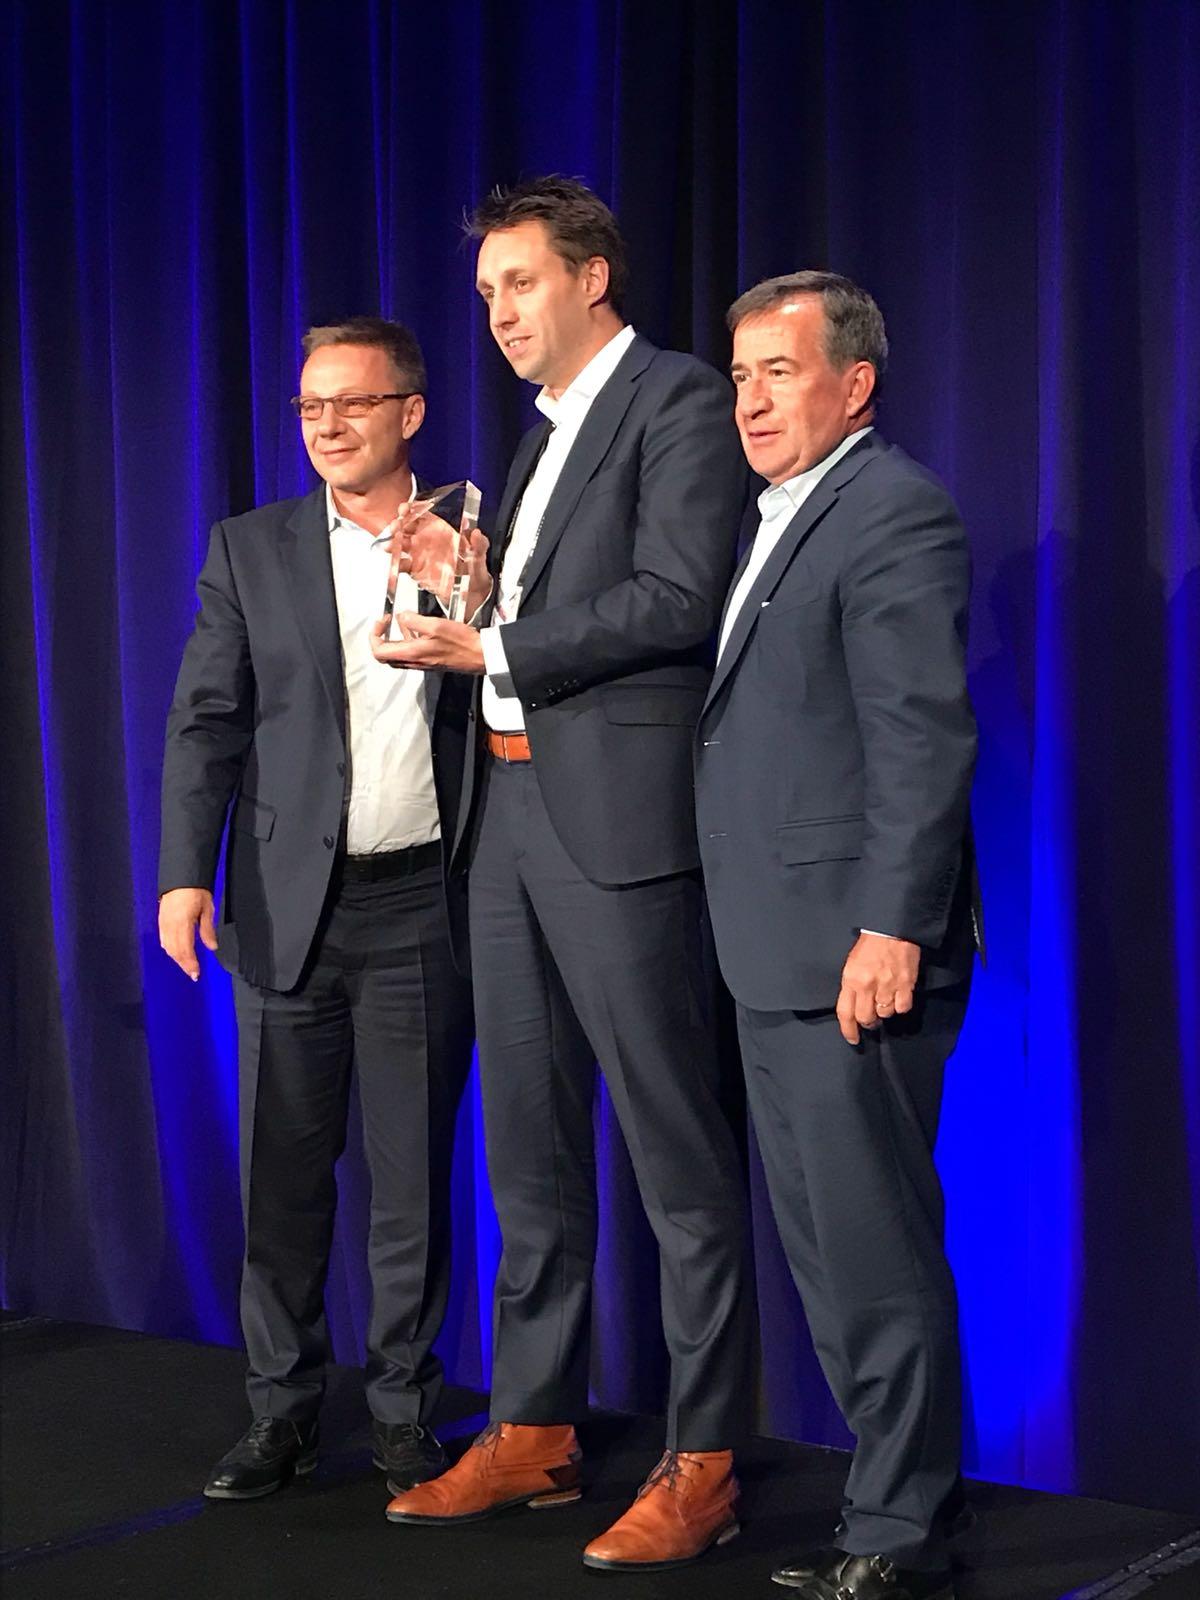 Viktor-award